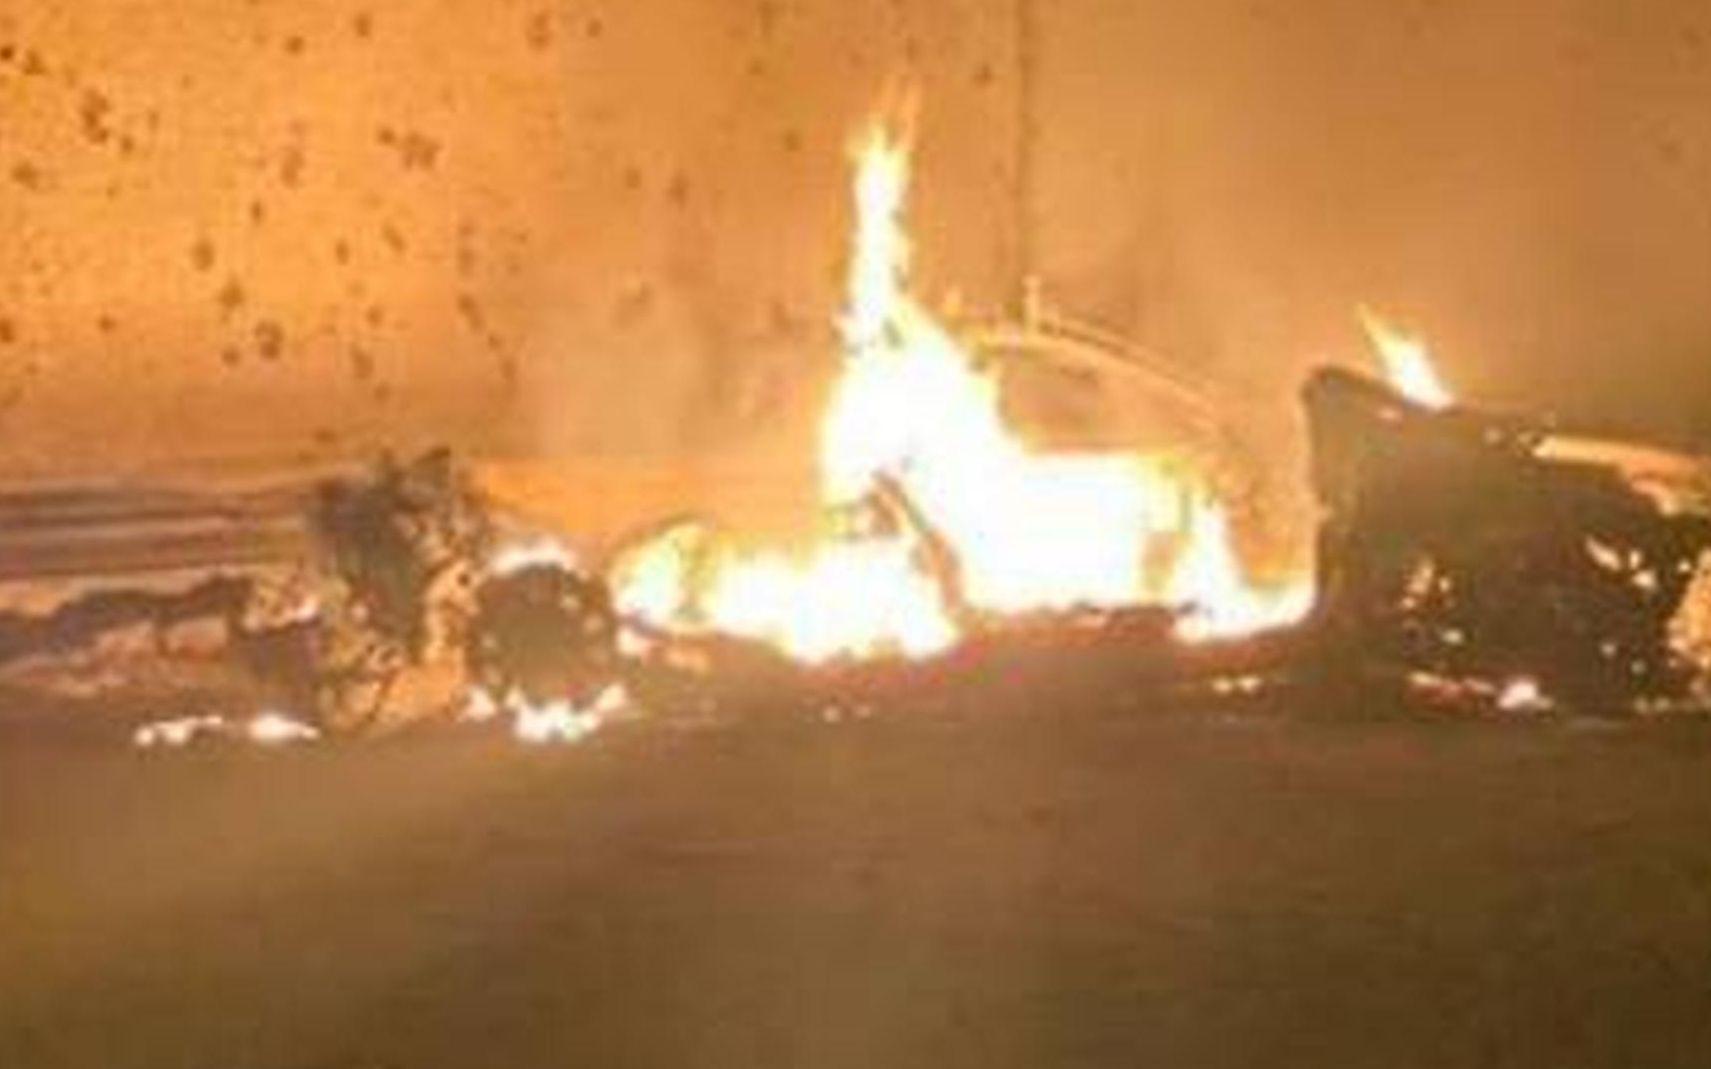 苏莱曼尼所乘汽车遭美军无人机袭击后爆炸起火。图/社交媒体推特